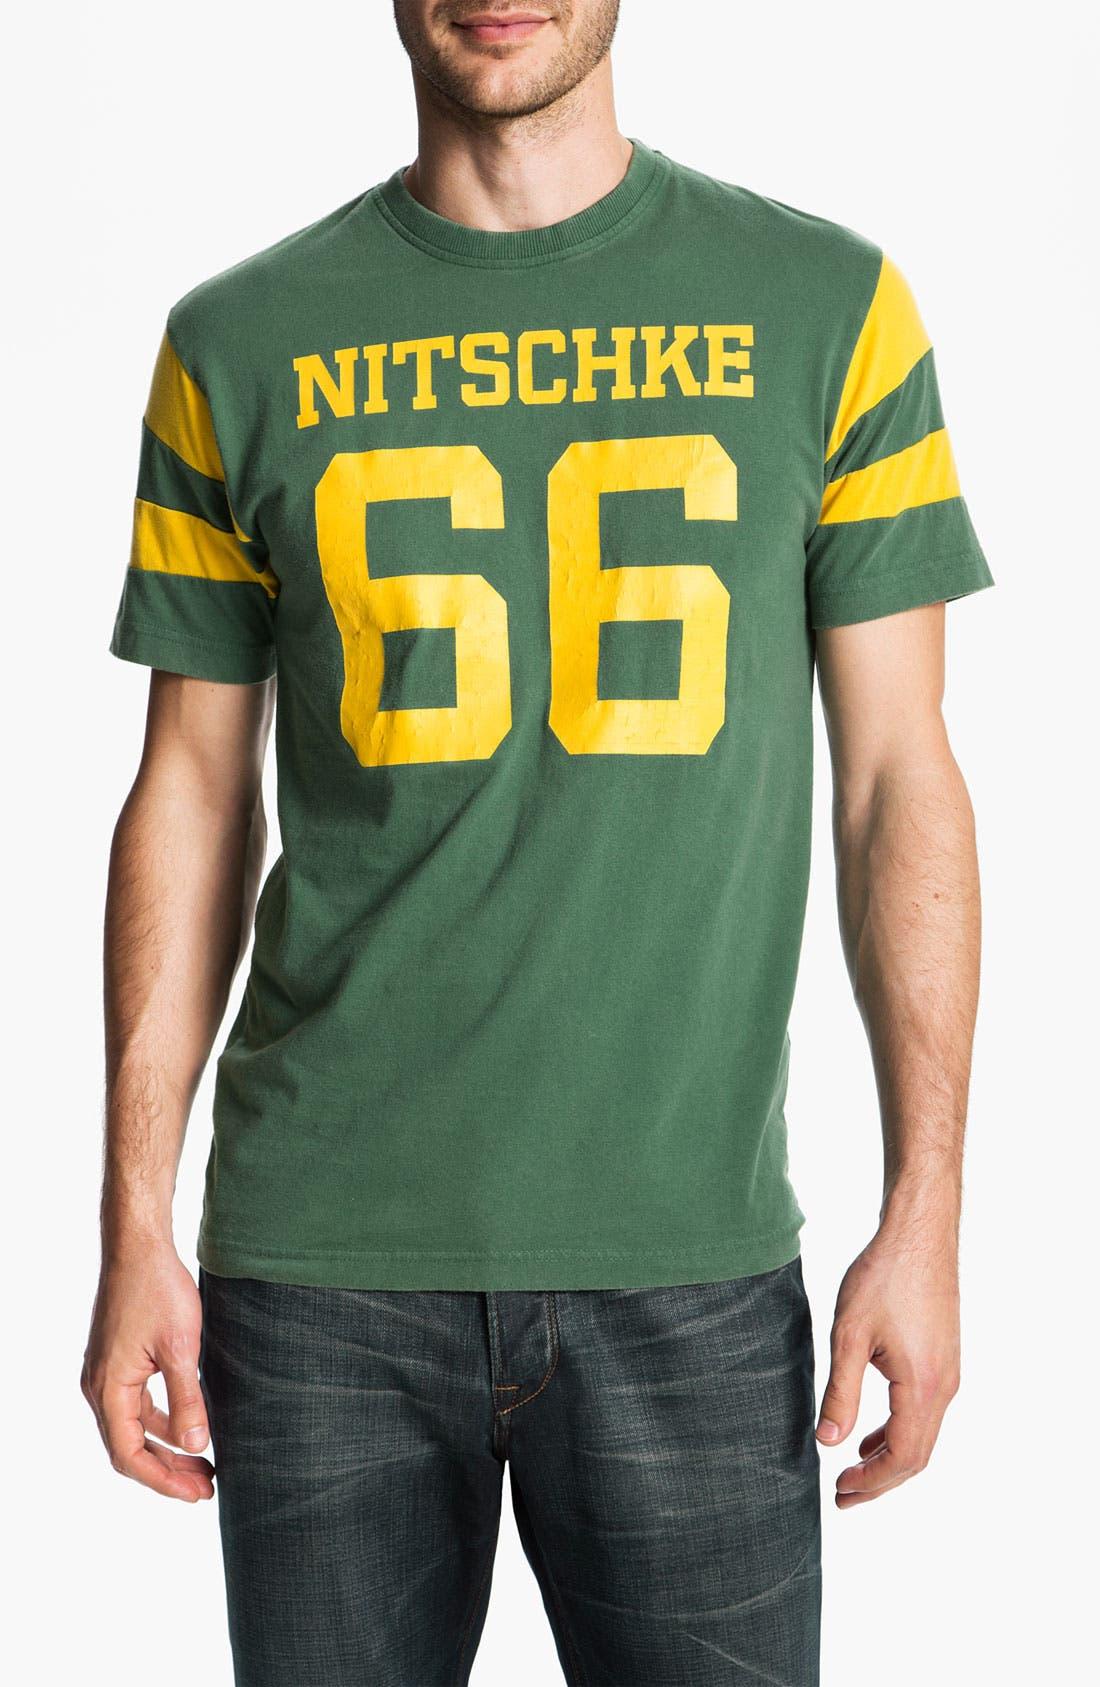 Main Image - Red Jacket 'Ray Nitschke - Nickel' T-Shirt